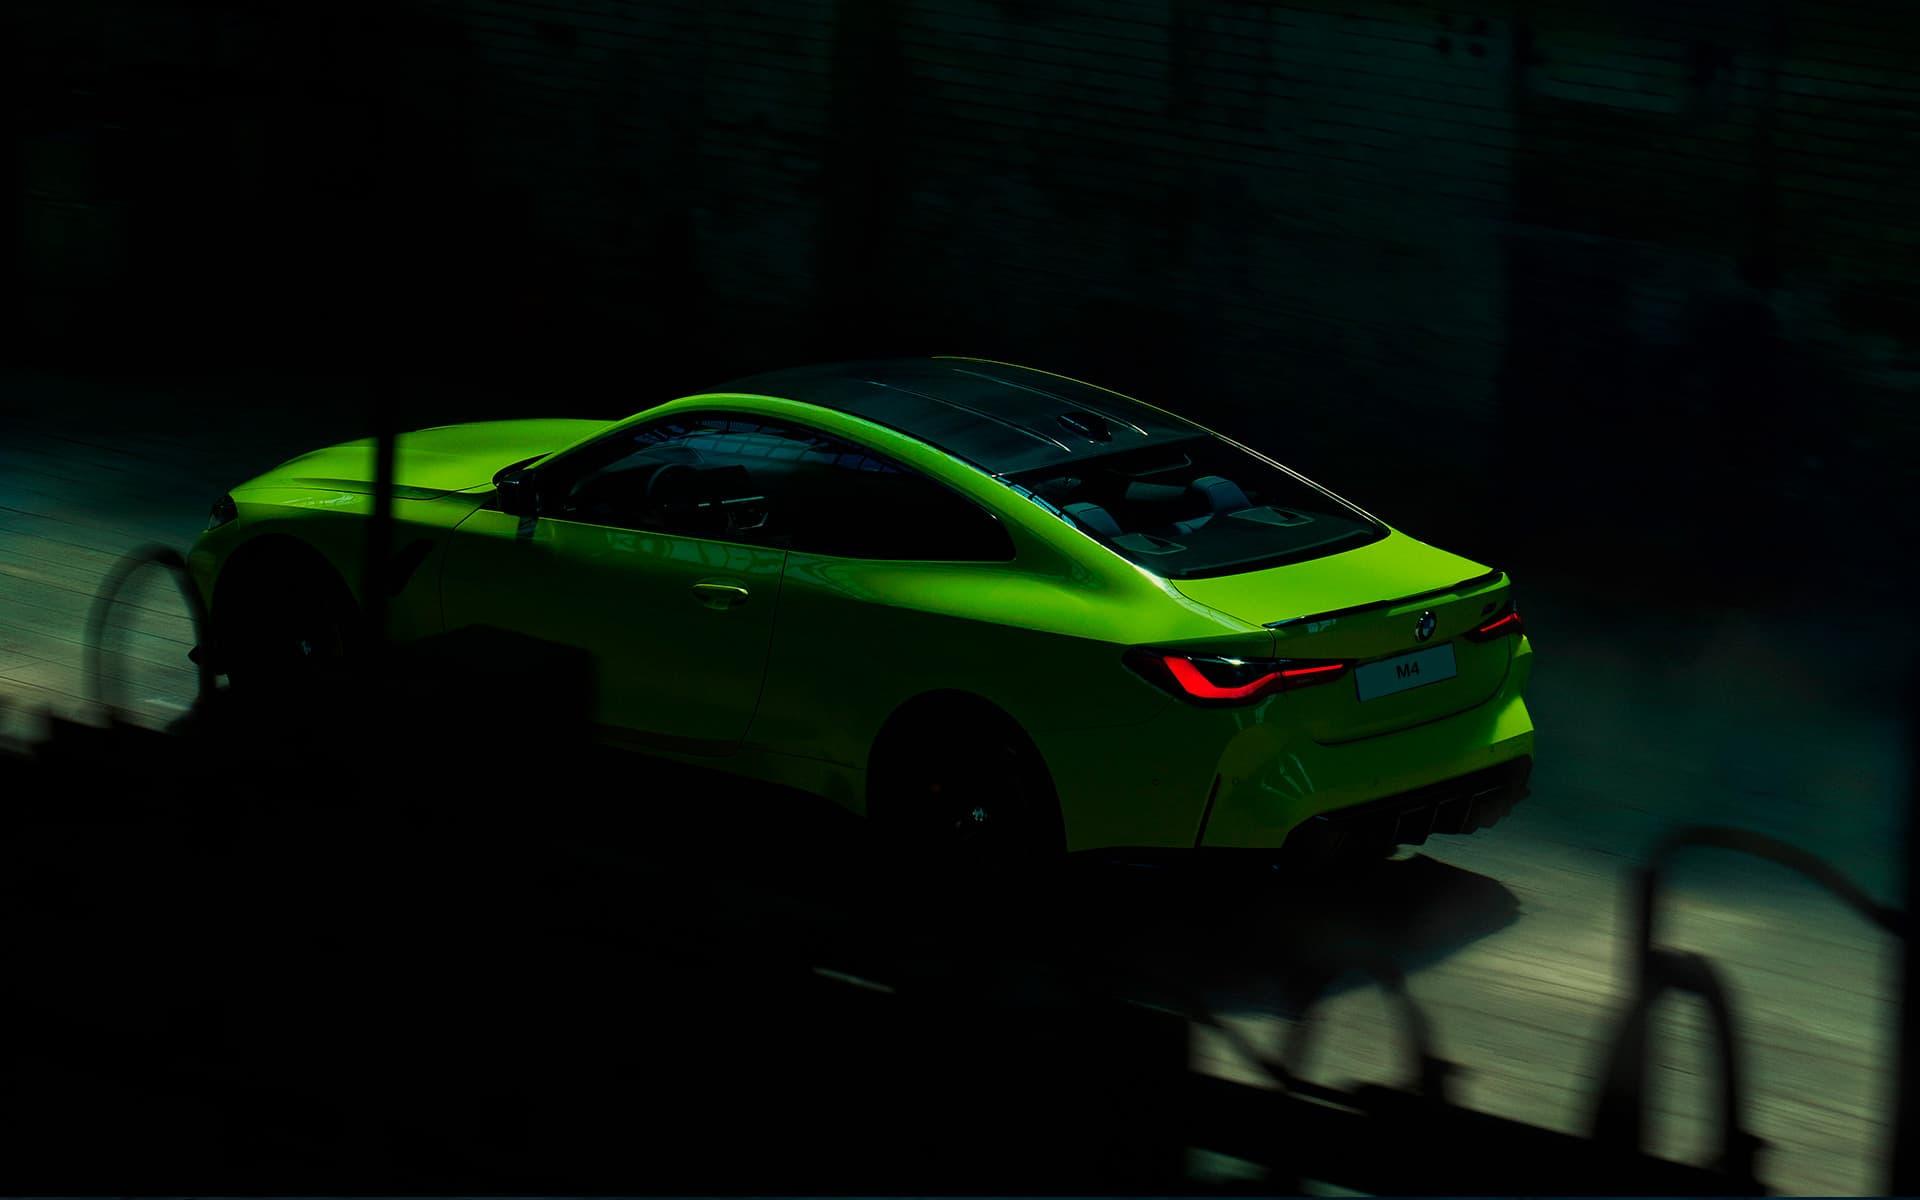 BMW M4 diseño deportivo y exclusivo